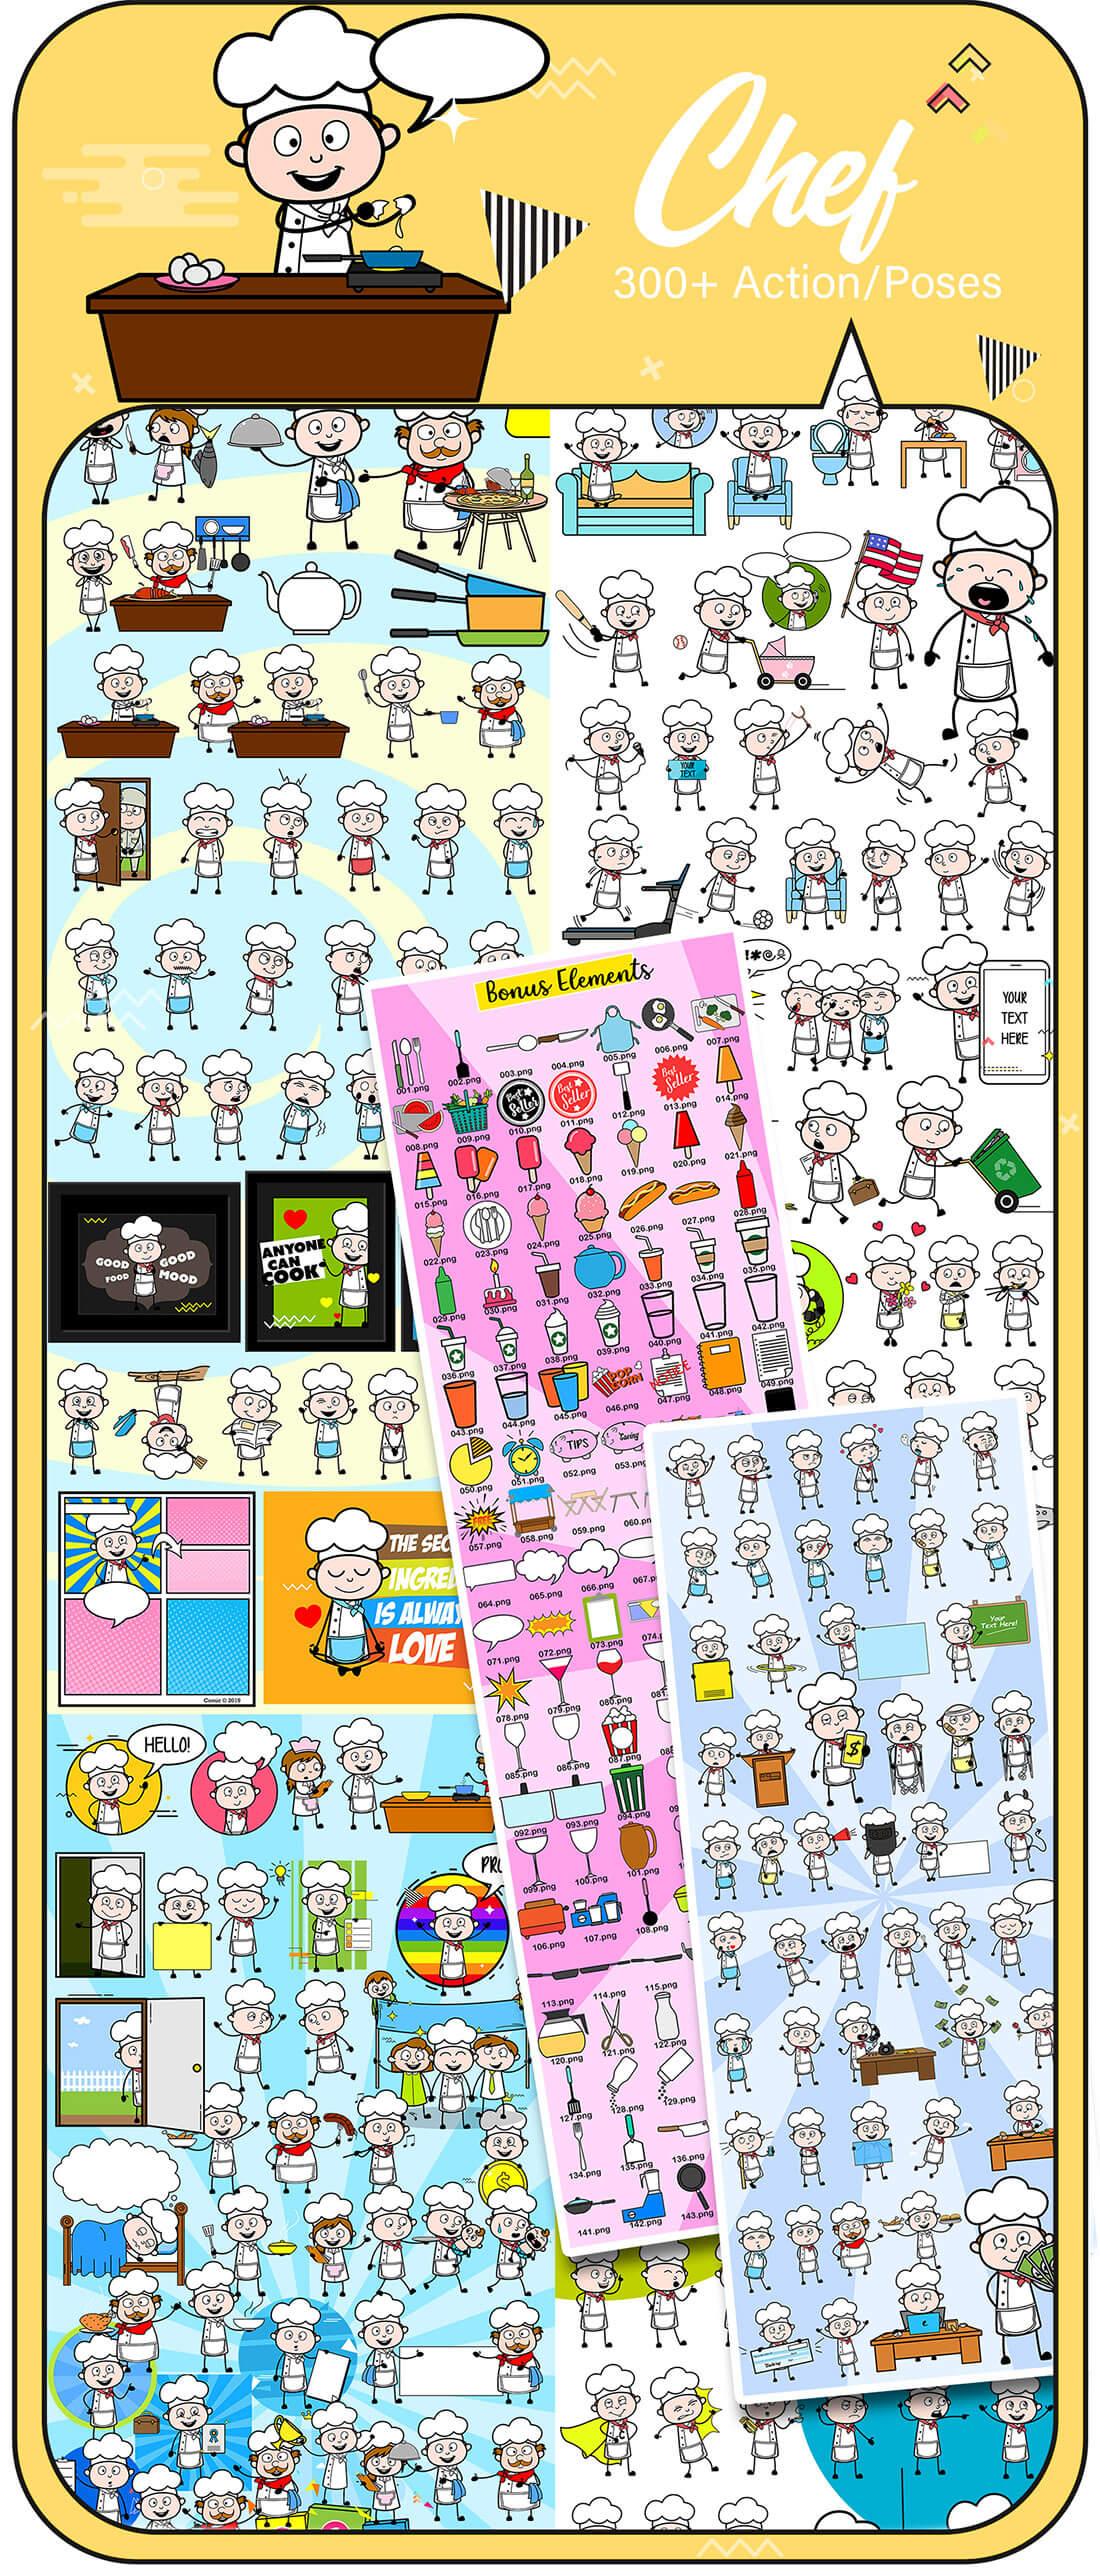 8,000+ Cartoon Character Vectors with BONUS materials